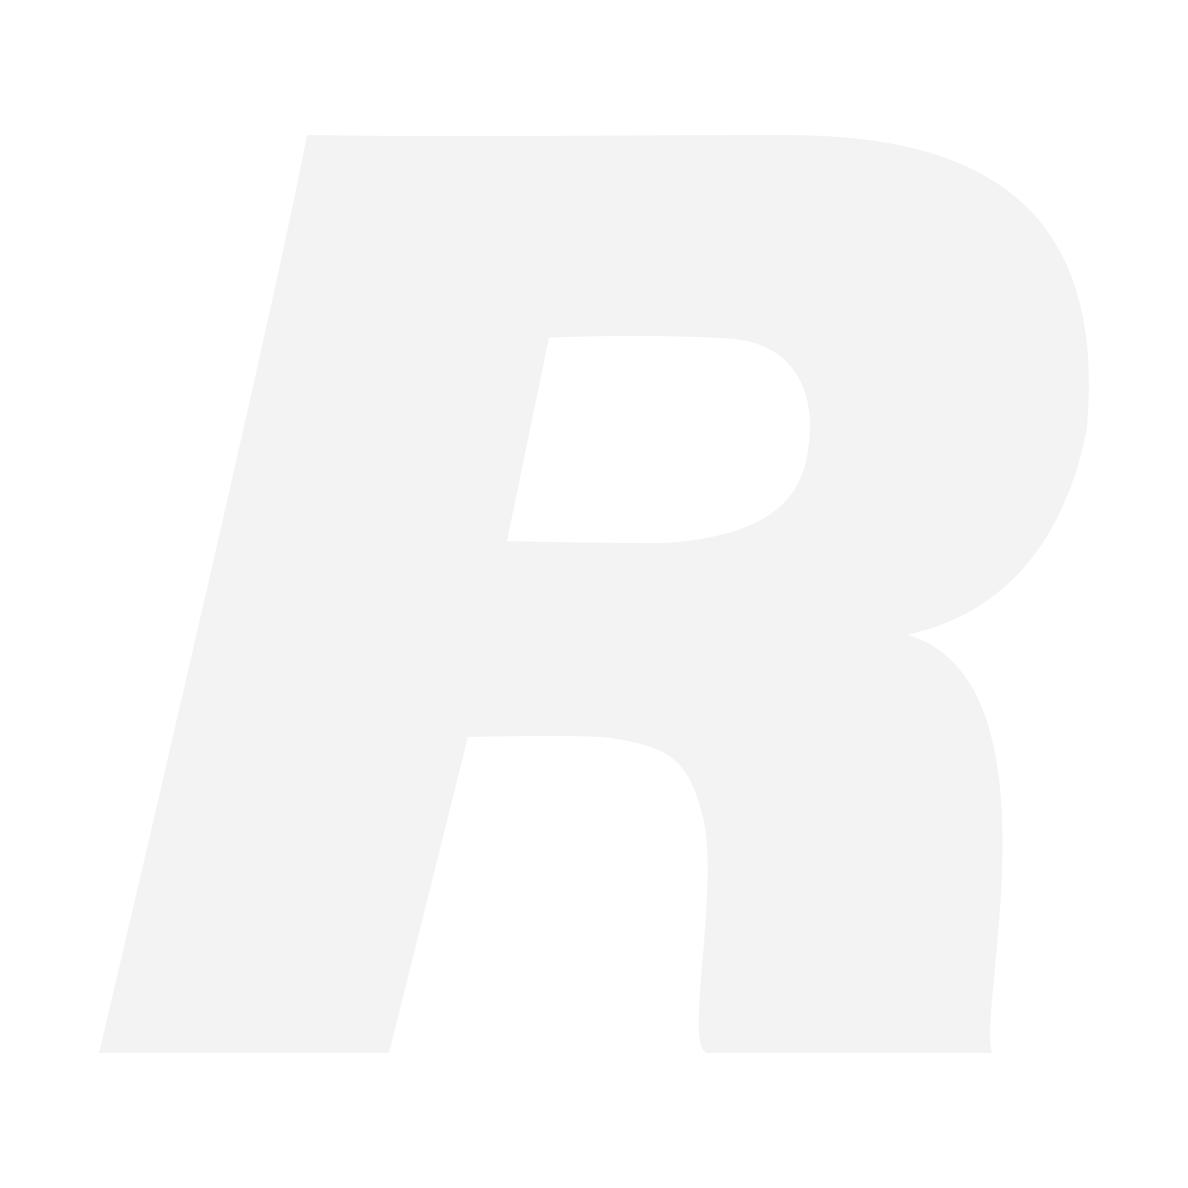 SONY RM-LVR2 LIVE WIEV REMOTE